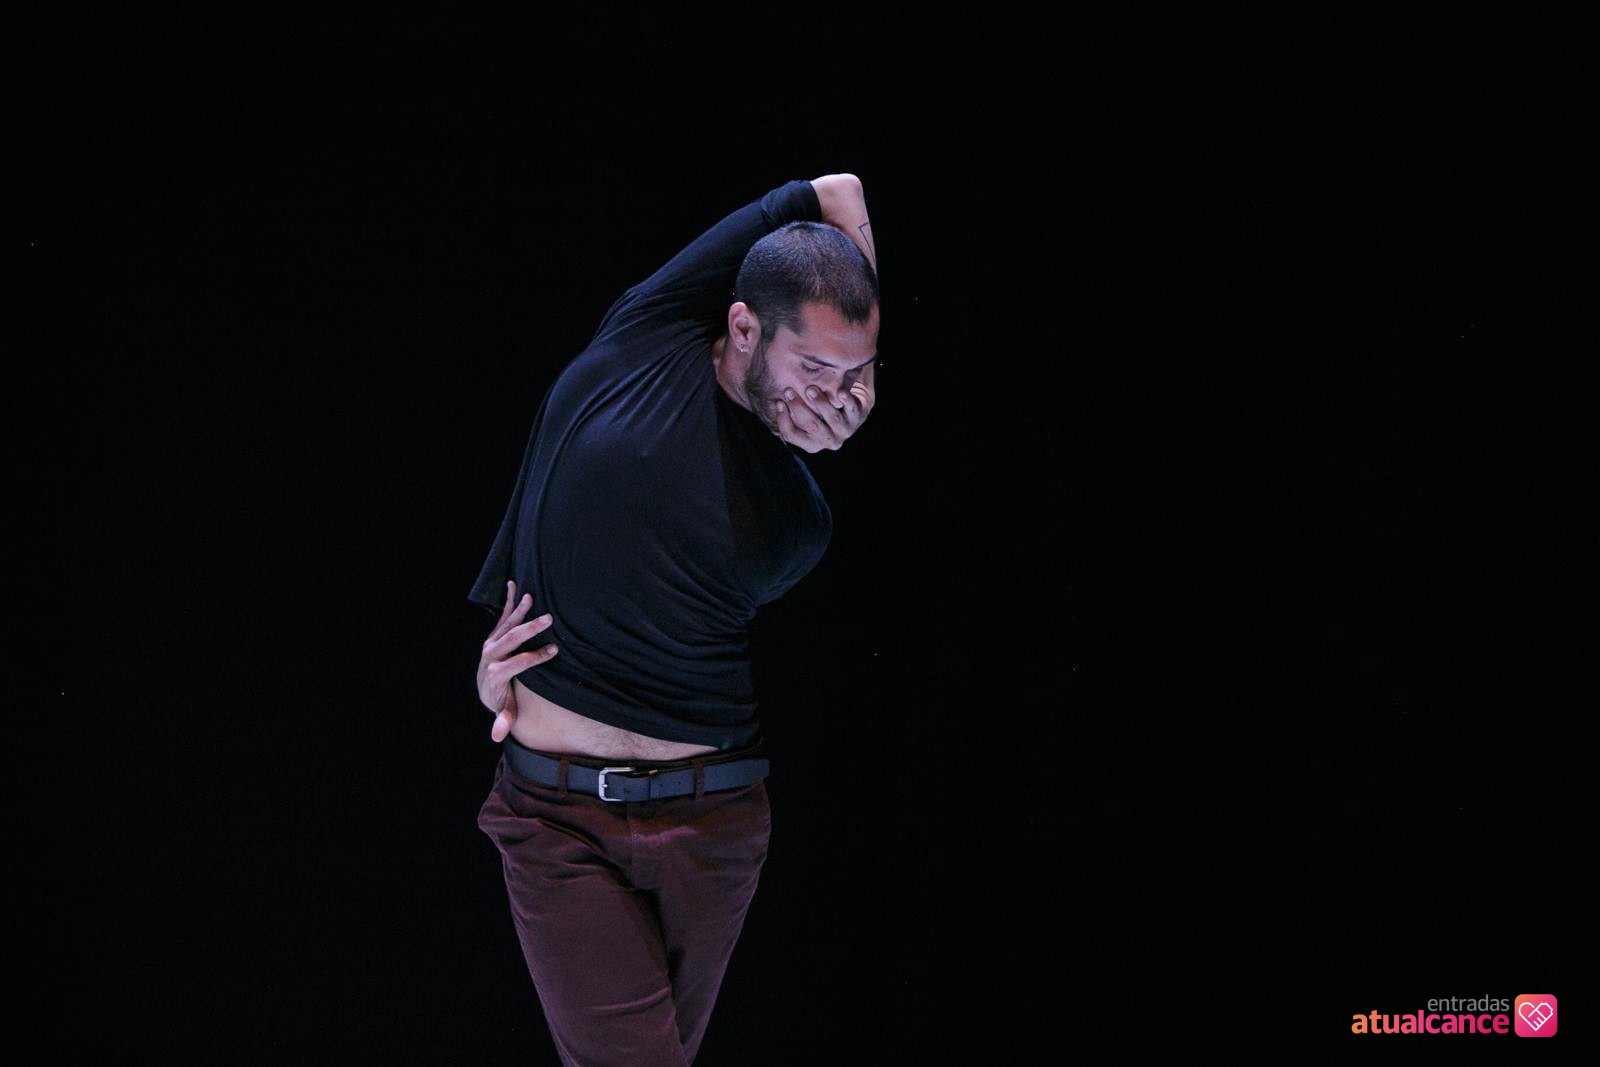 danza-en-breve-daniel-morales-el-vuelo-5eec6890e0c2a.jpeg